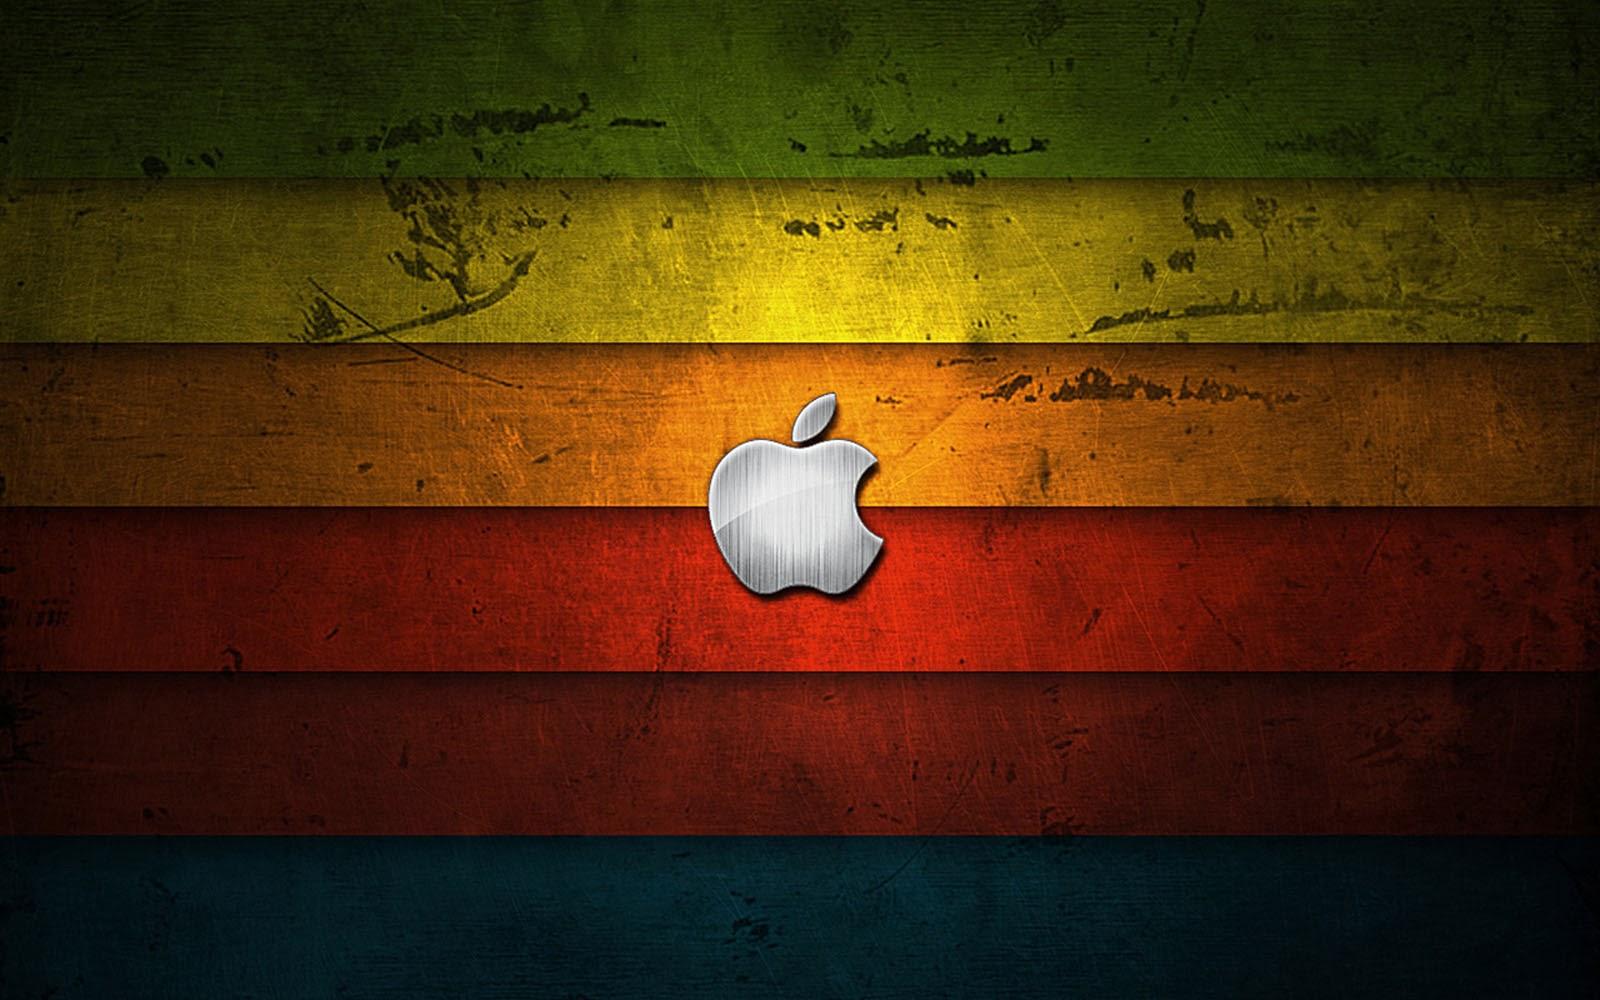 apple desktop wallpapers - top wallpaper desktop